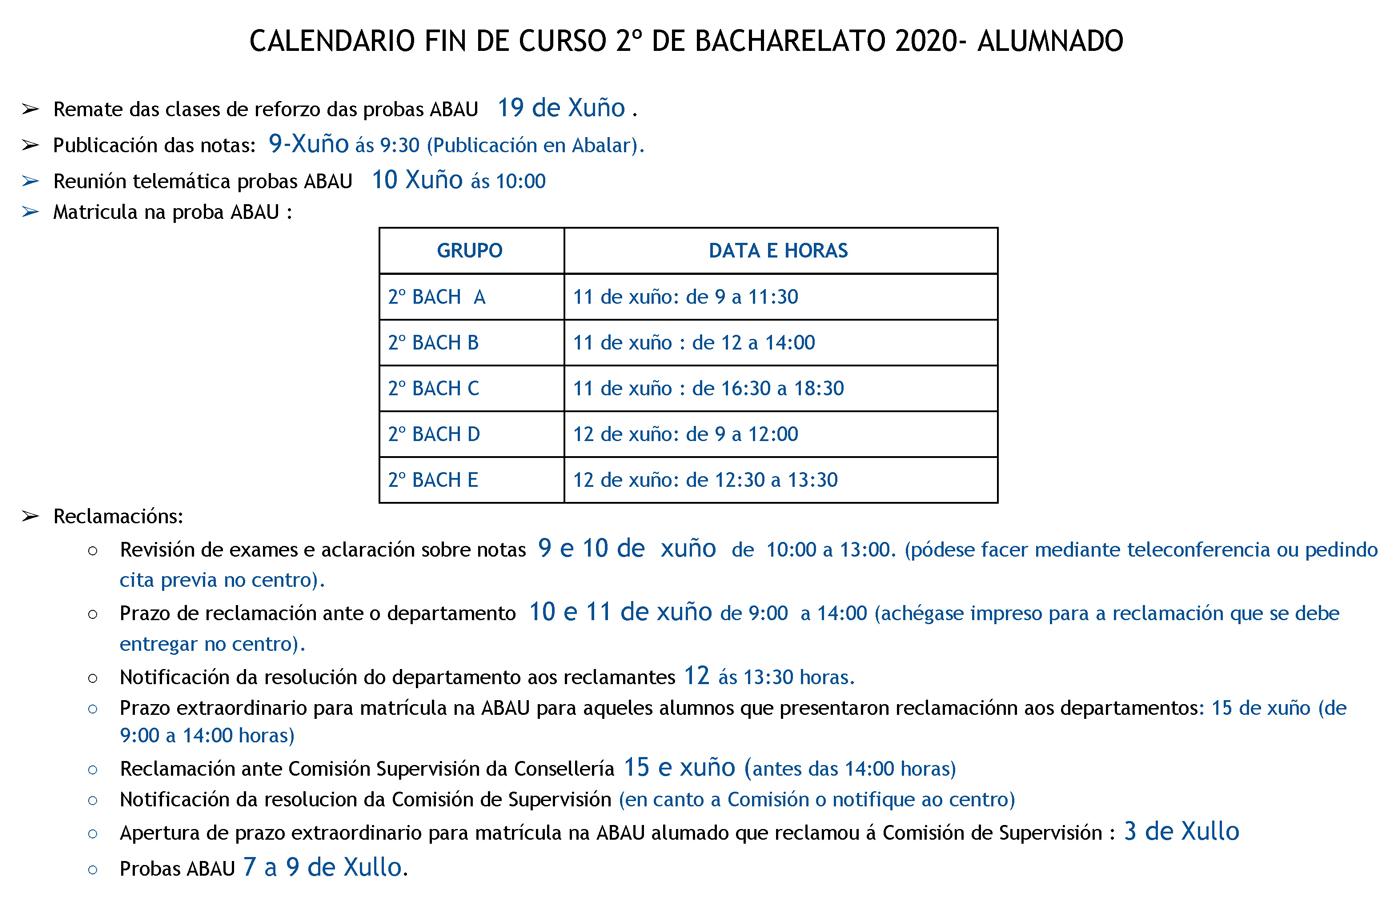 calendario-fin-de-curso-bach2-06-2020-update.jpg